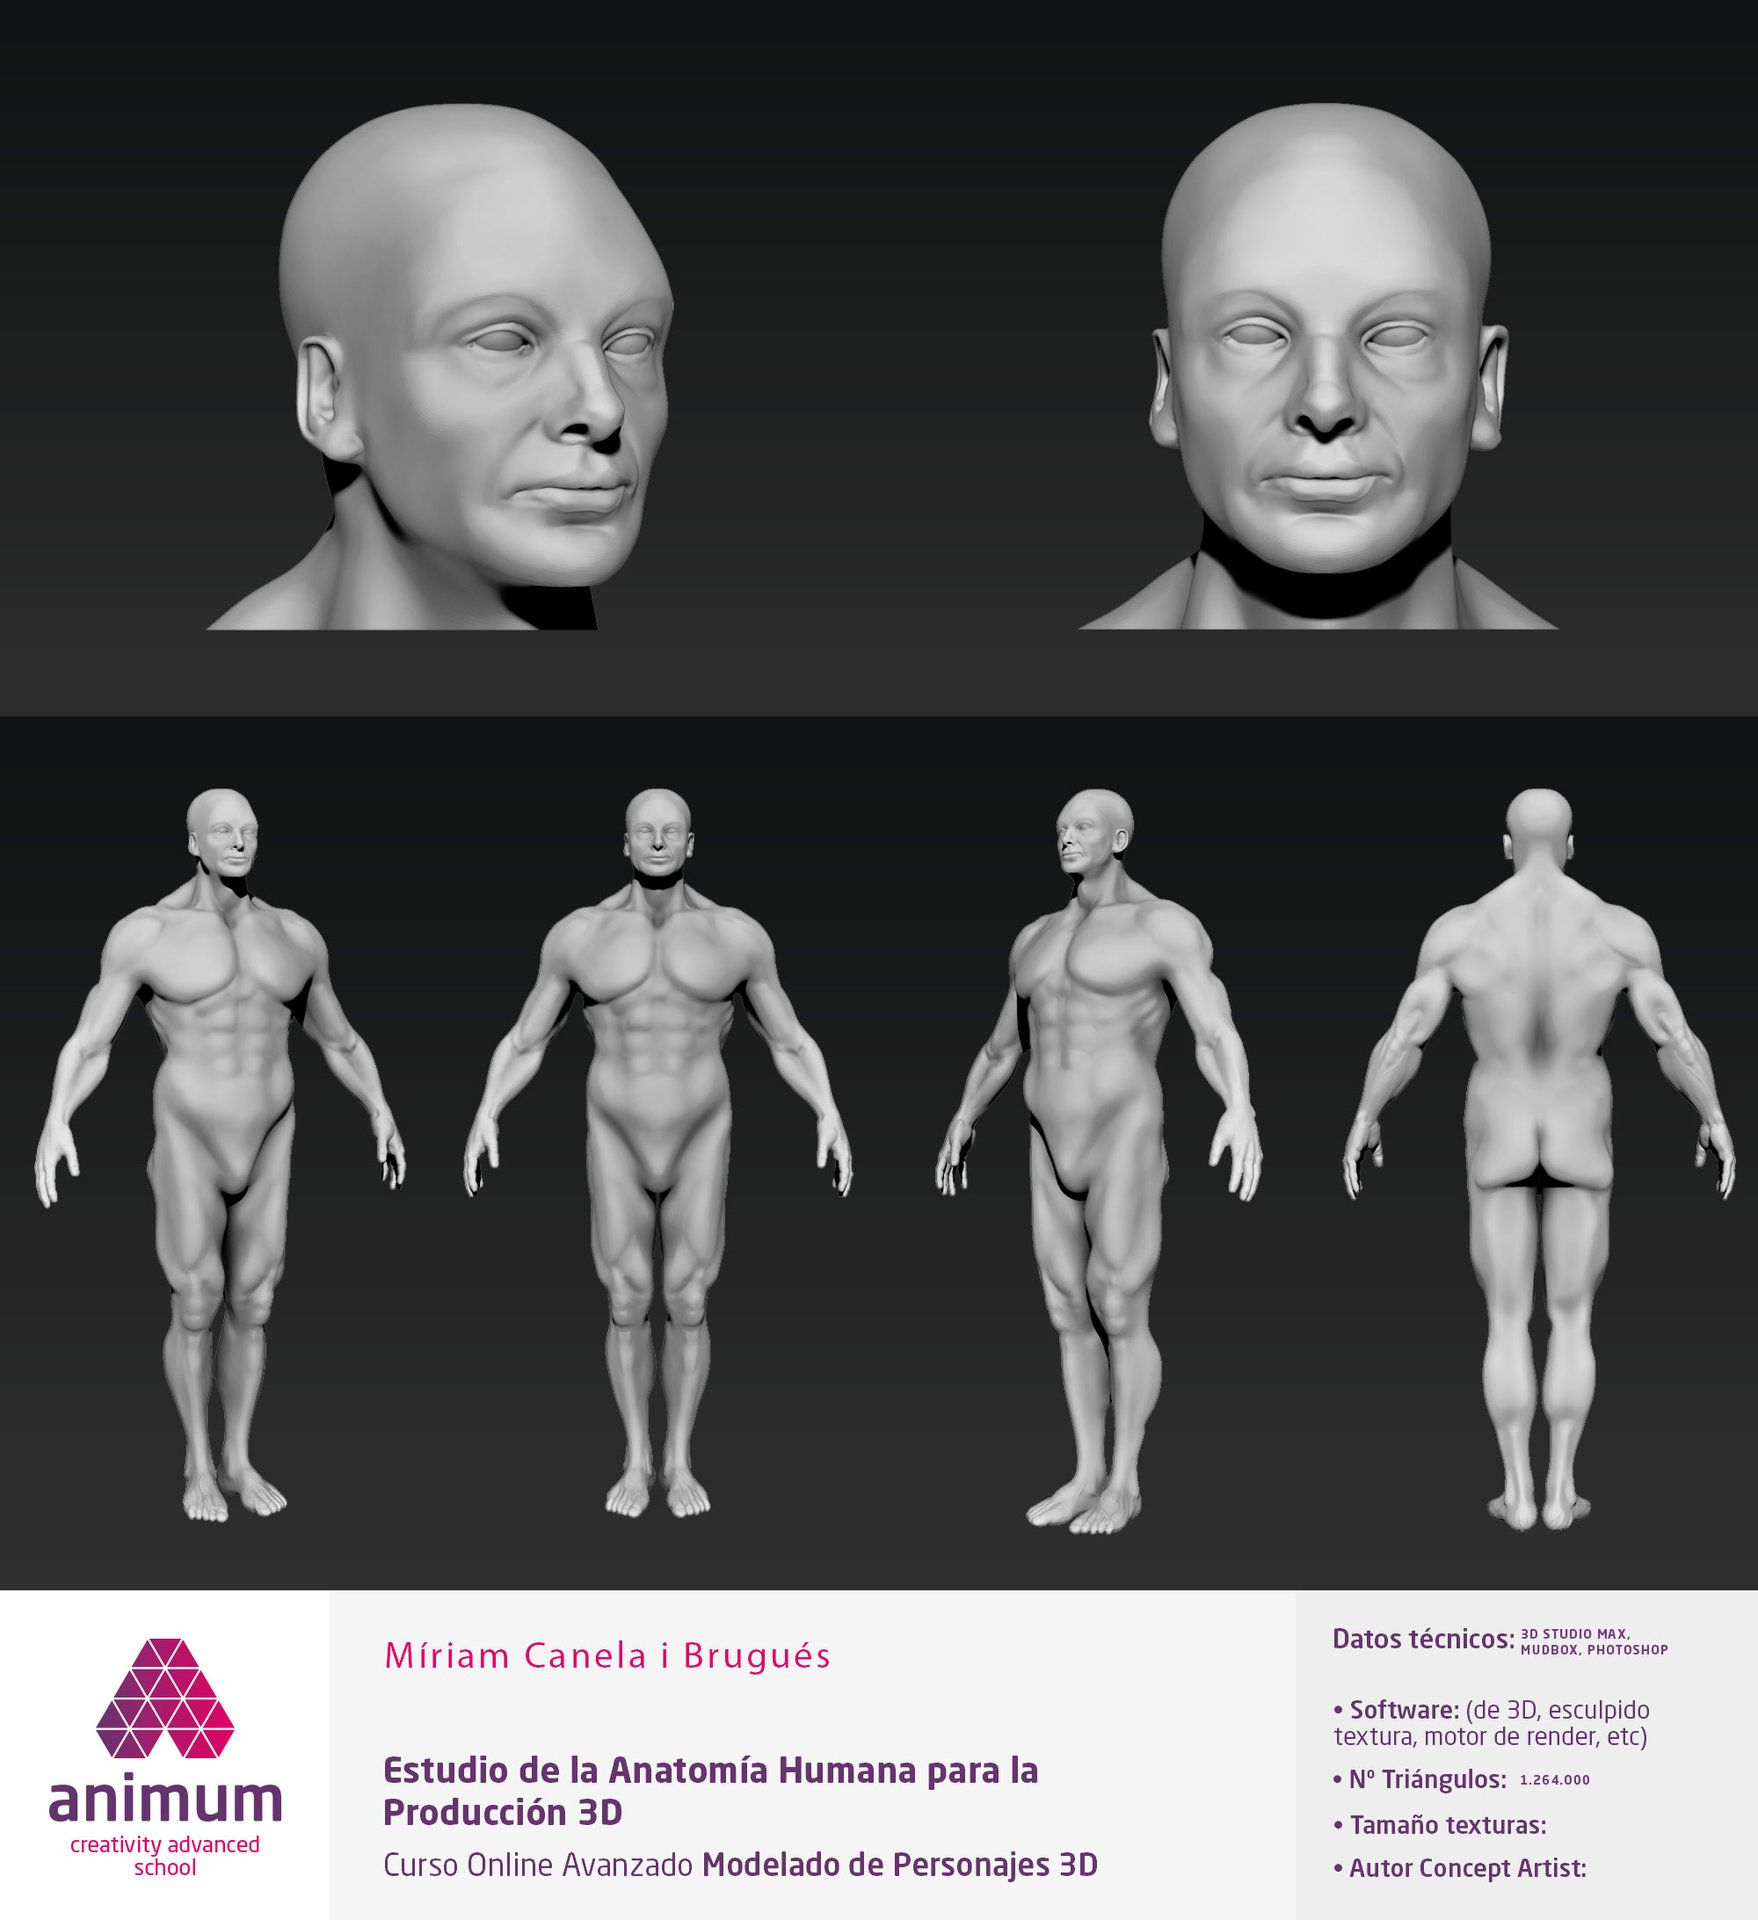 ANATOMÍA HUMANA Modelo 3D preparado para producción y animación ...